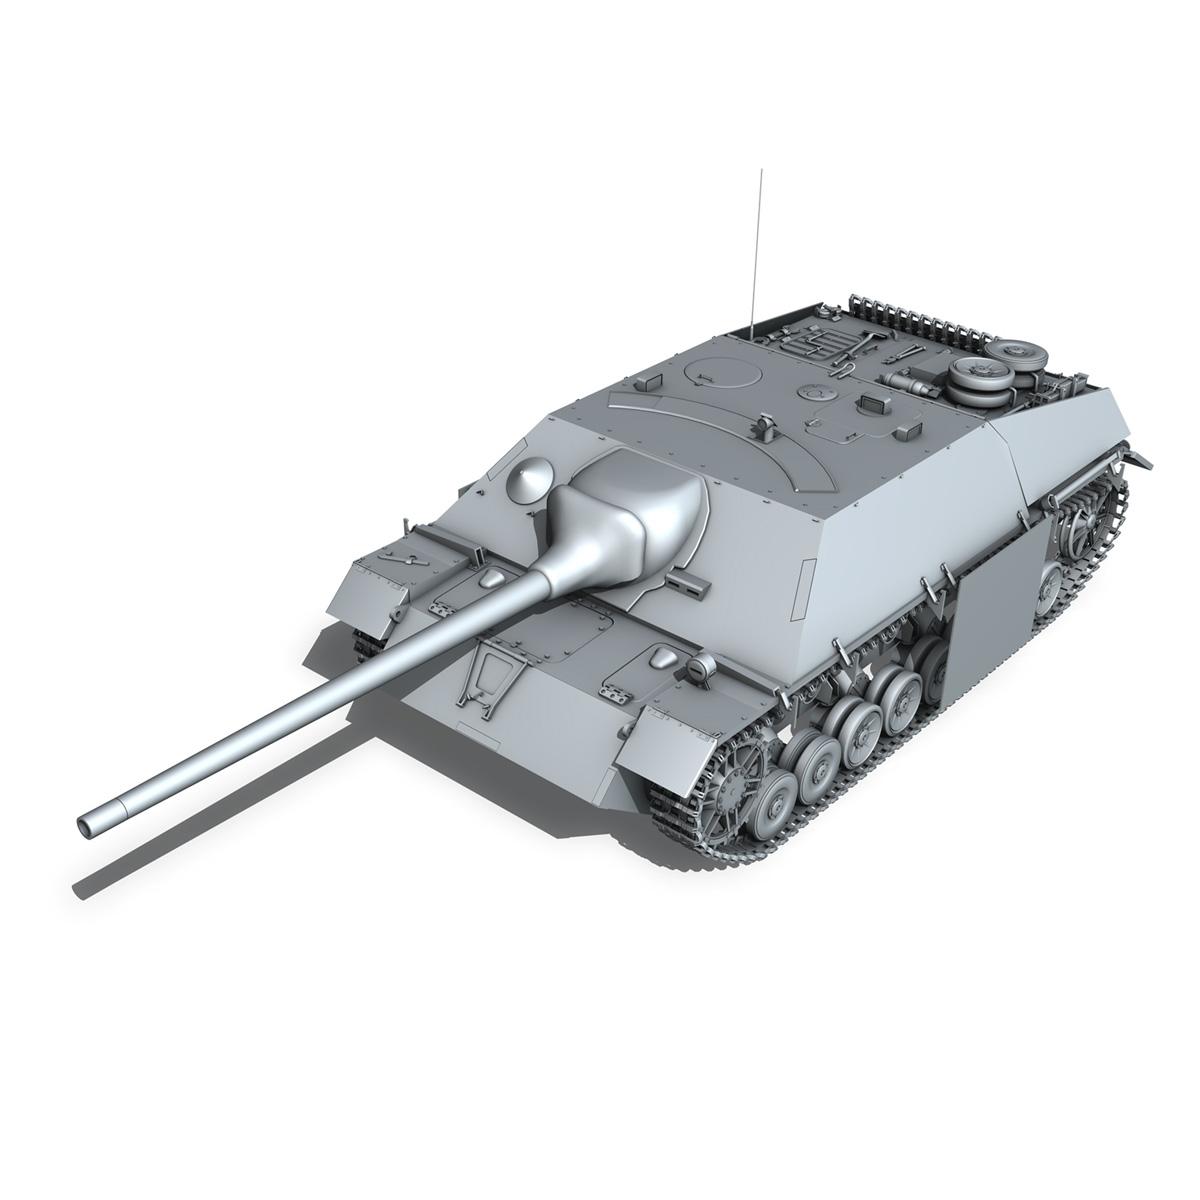 jagdpanzer iv l/70 (v) late production 3d model 3ds fbx c4d lwo obj 202020